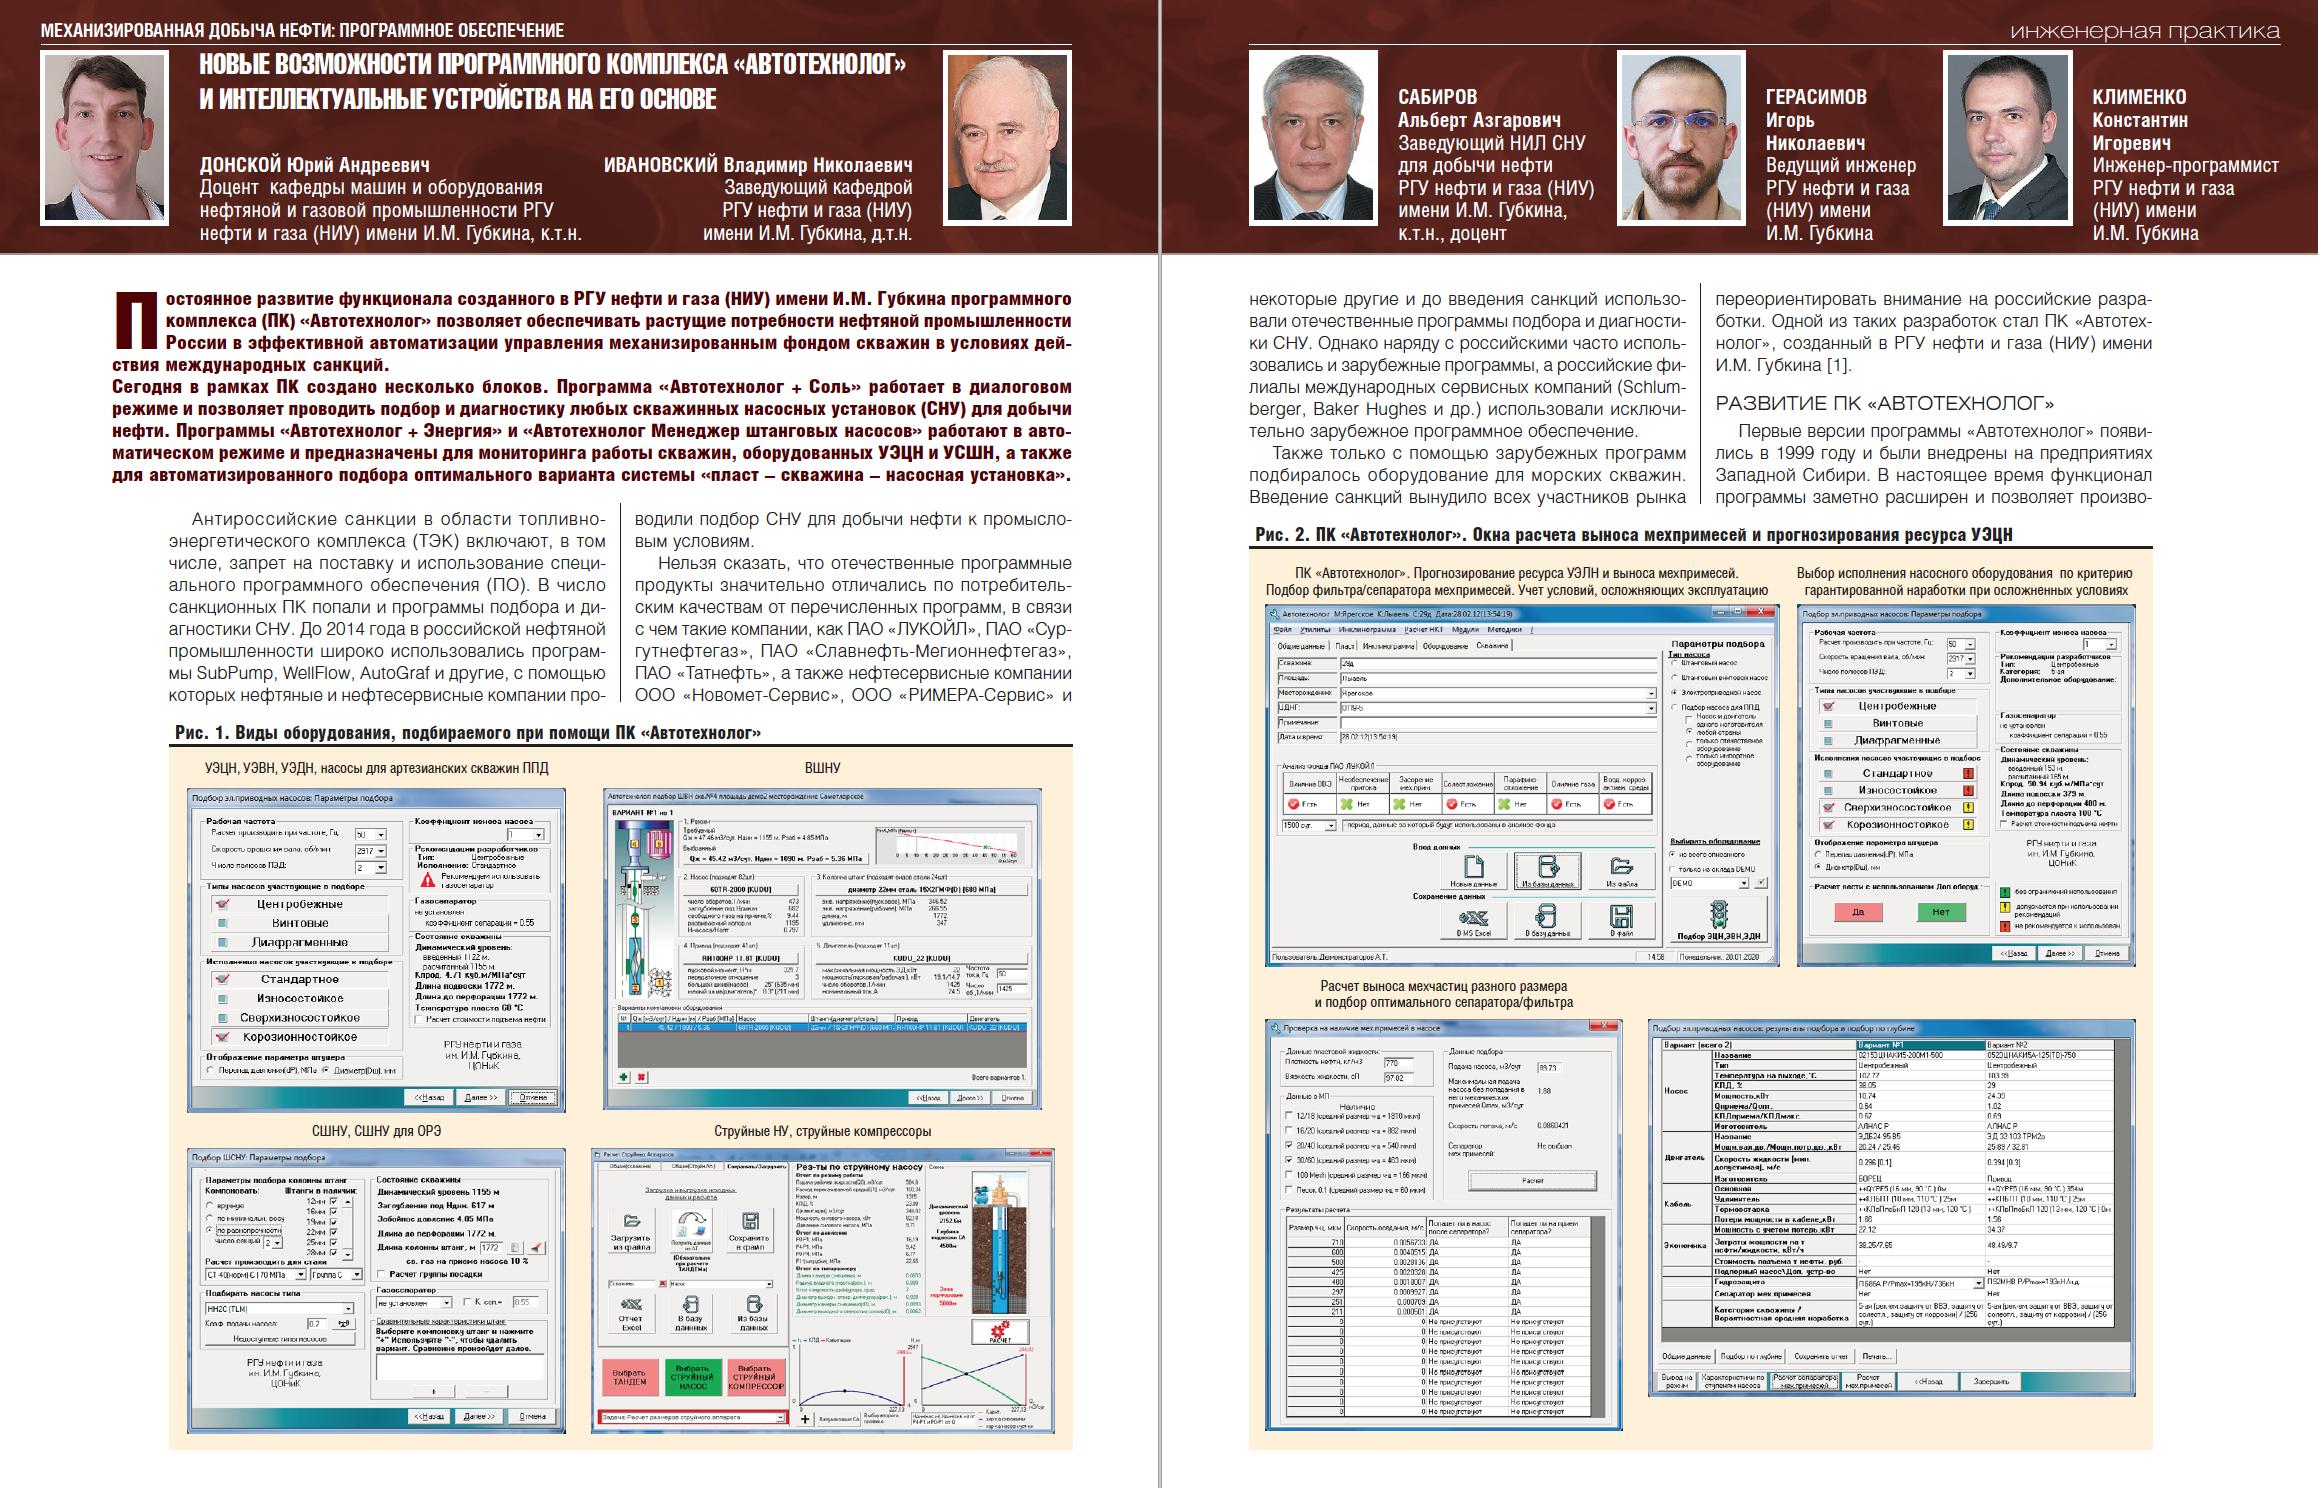 31002 Новые возможности ПК «Автотехнолог» и интеллектуальные устройства на его основе